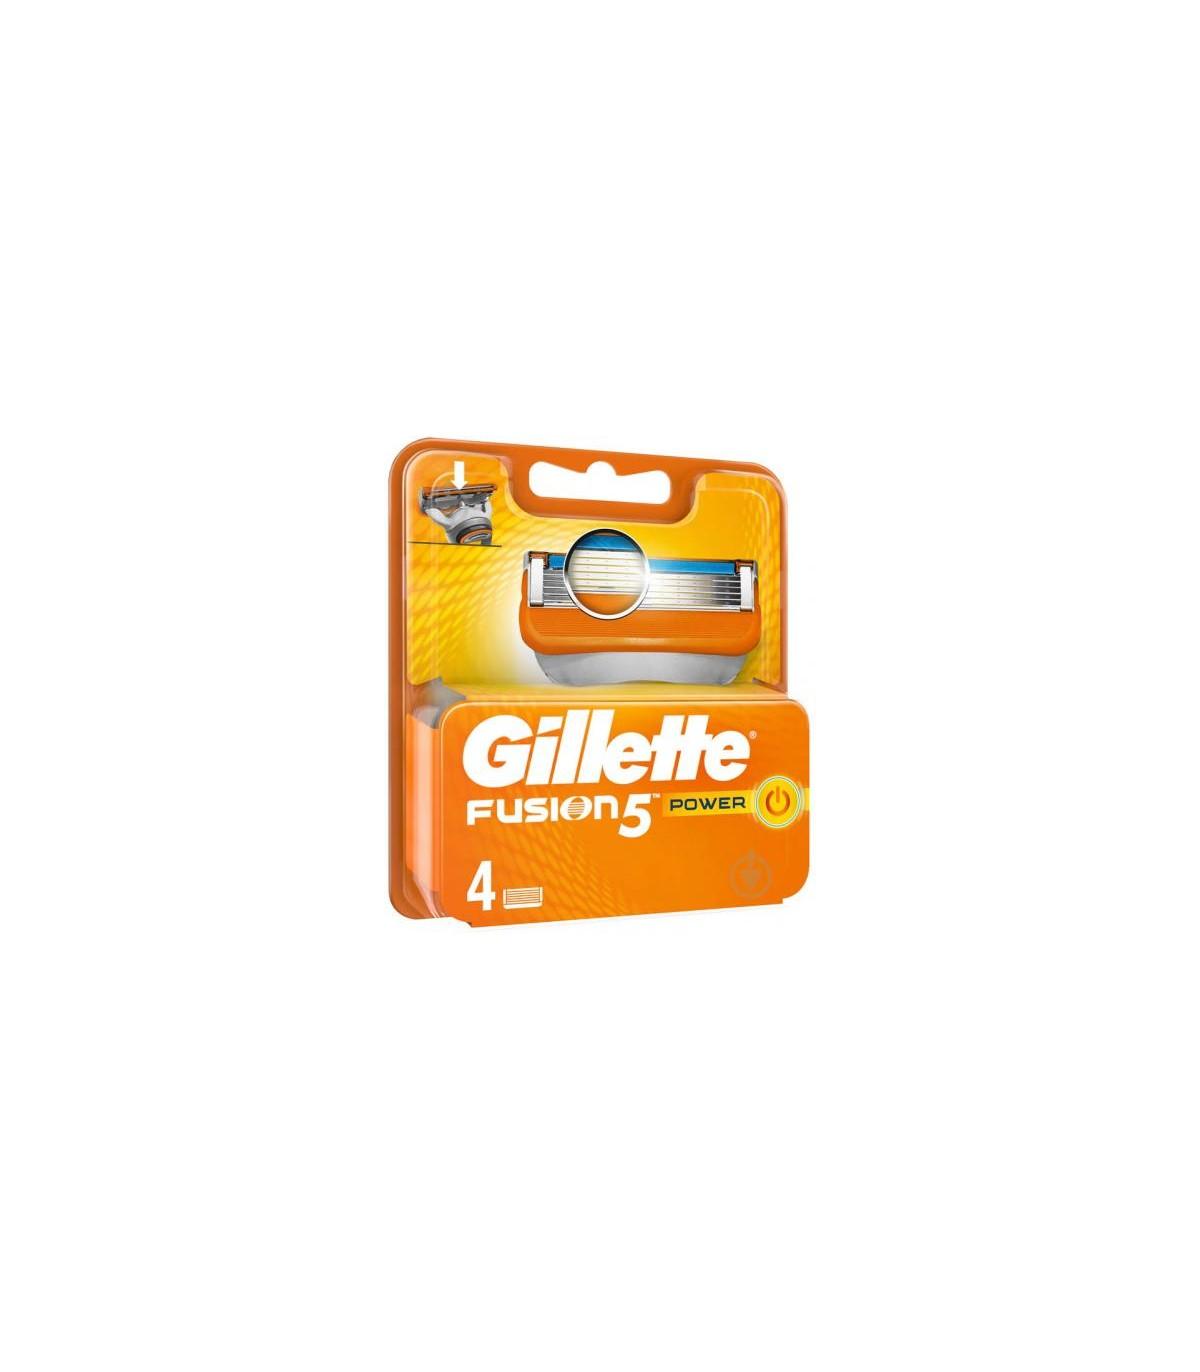 Gillette تیغ یدک خودتراش فیوژن فایو پاور 4 عددی ژیلت